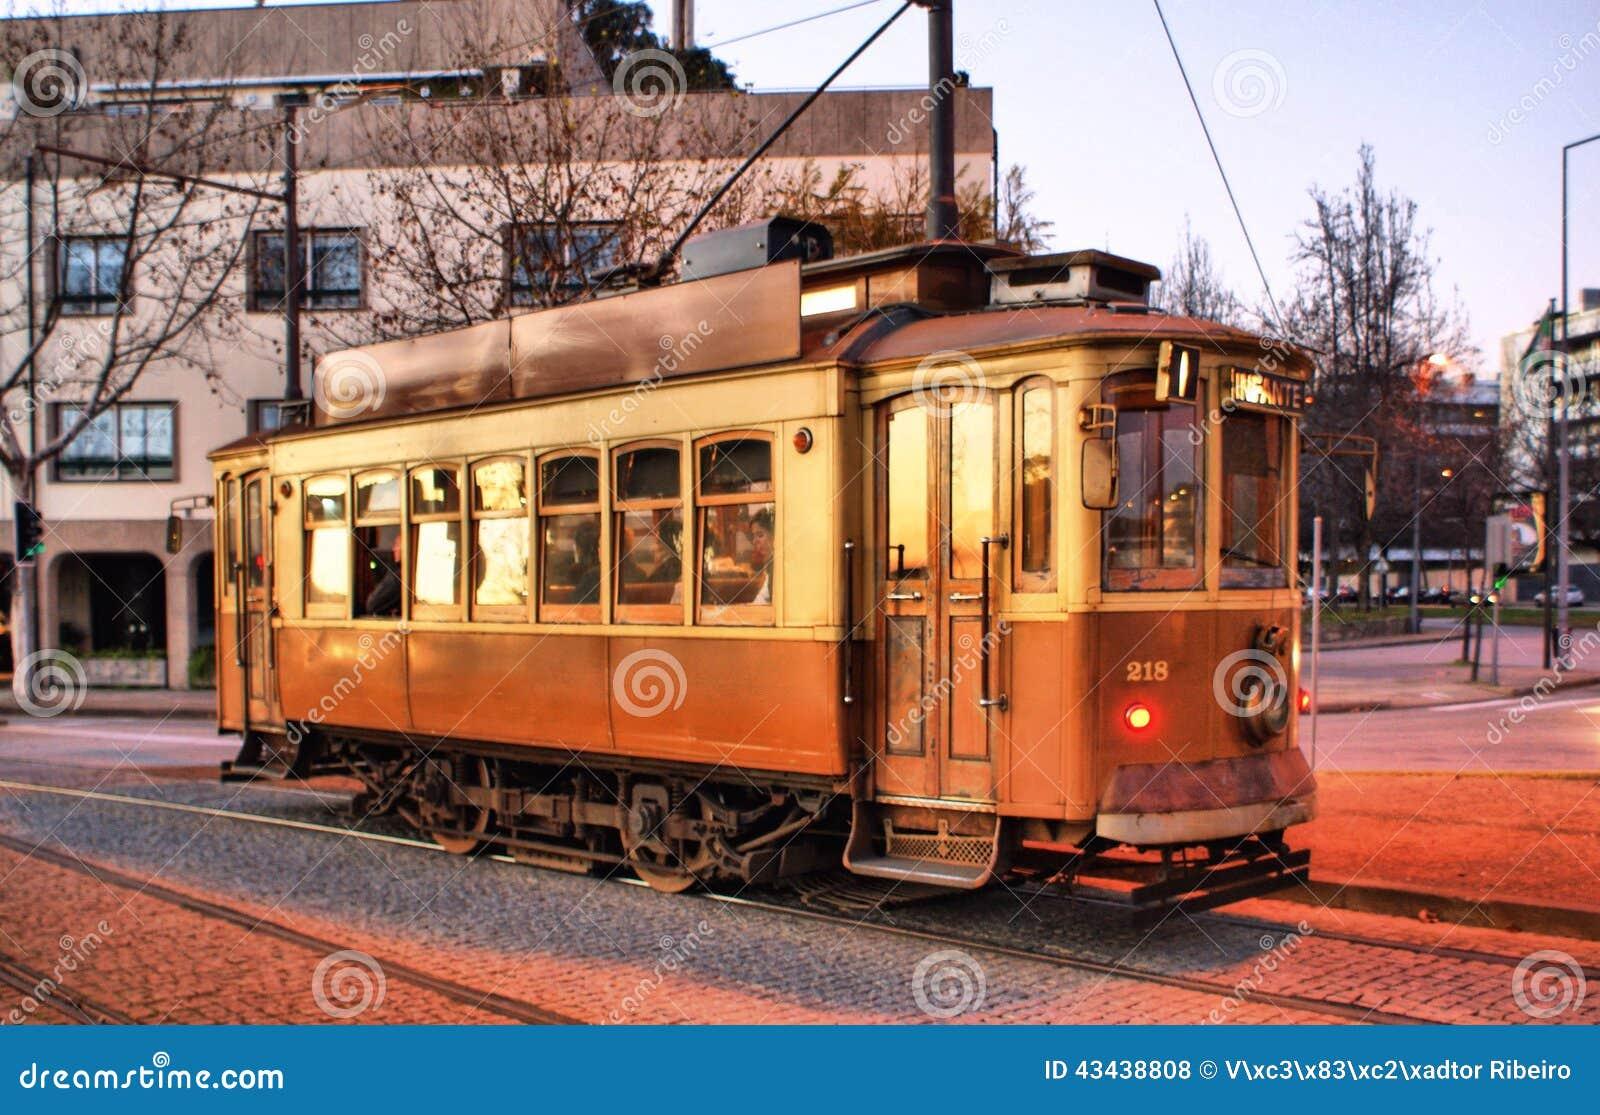 Типичный трамвай в Порту